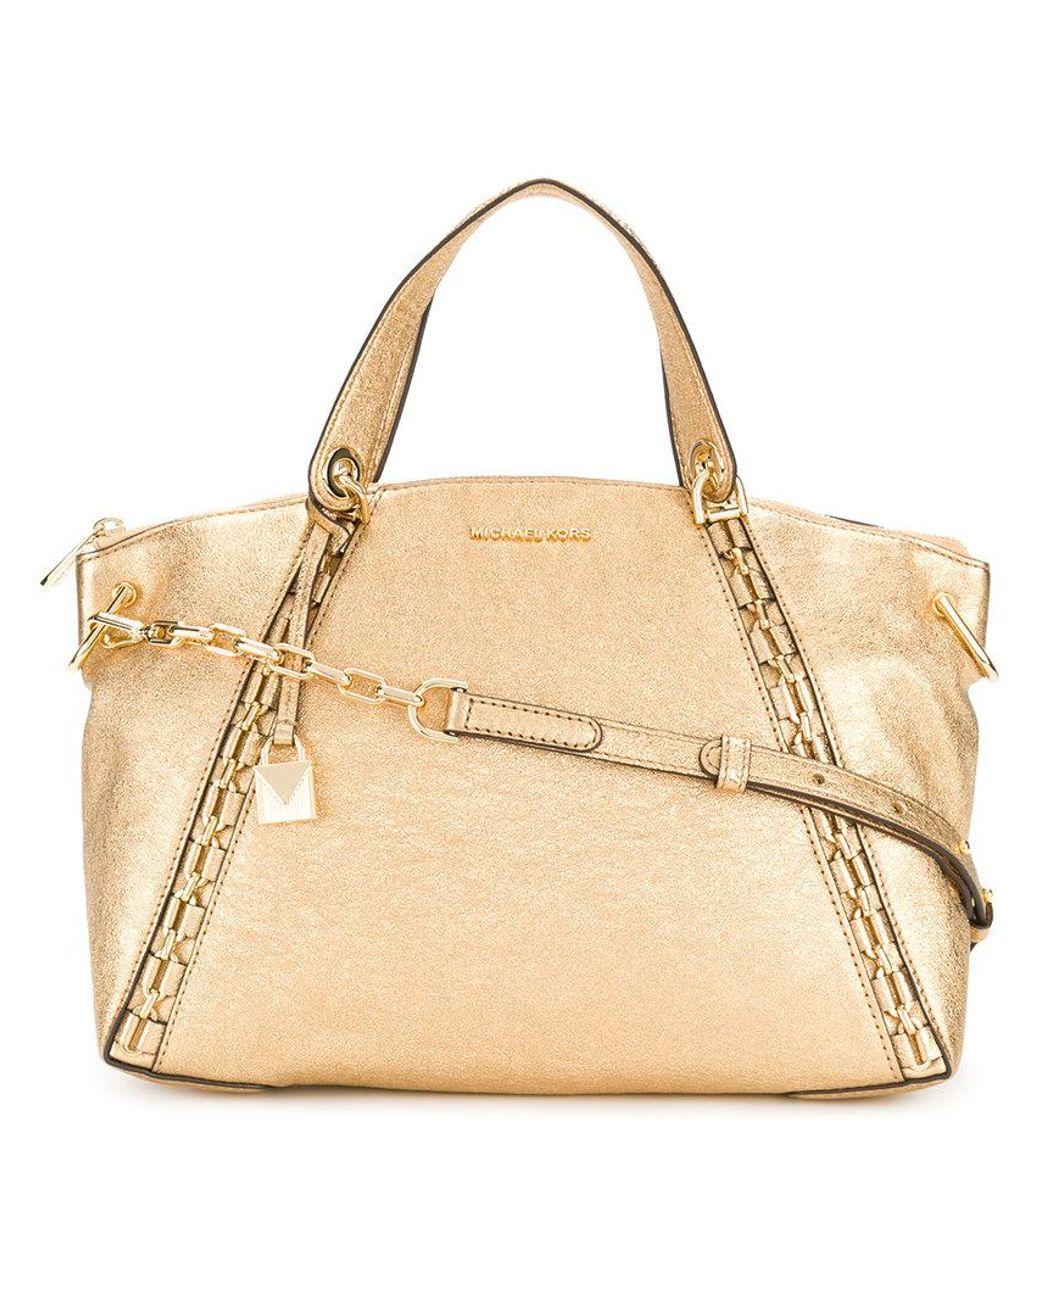 Золотые женские сумки Michael Kors Майкл Корс, купить